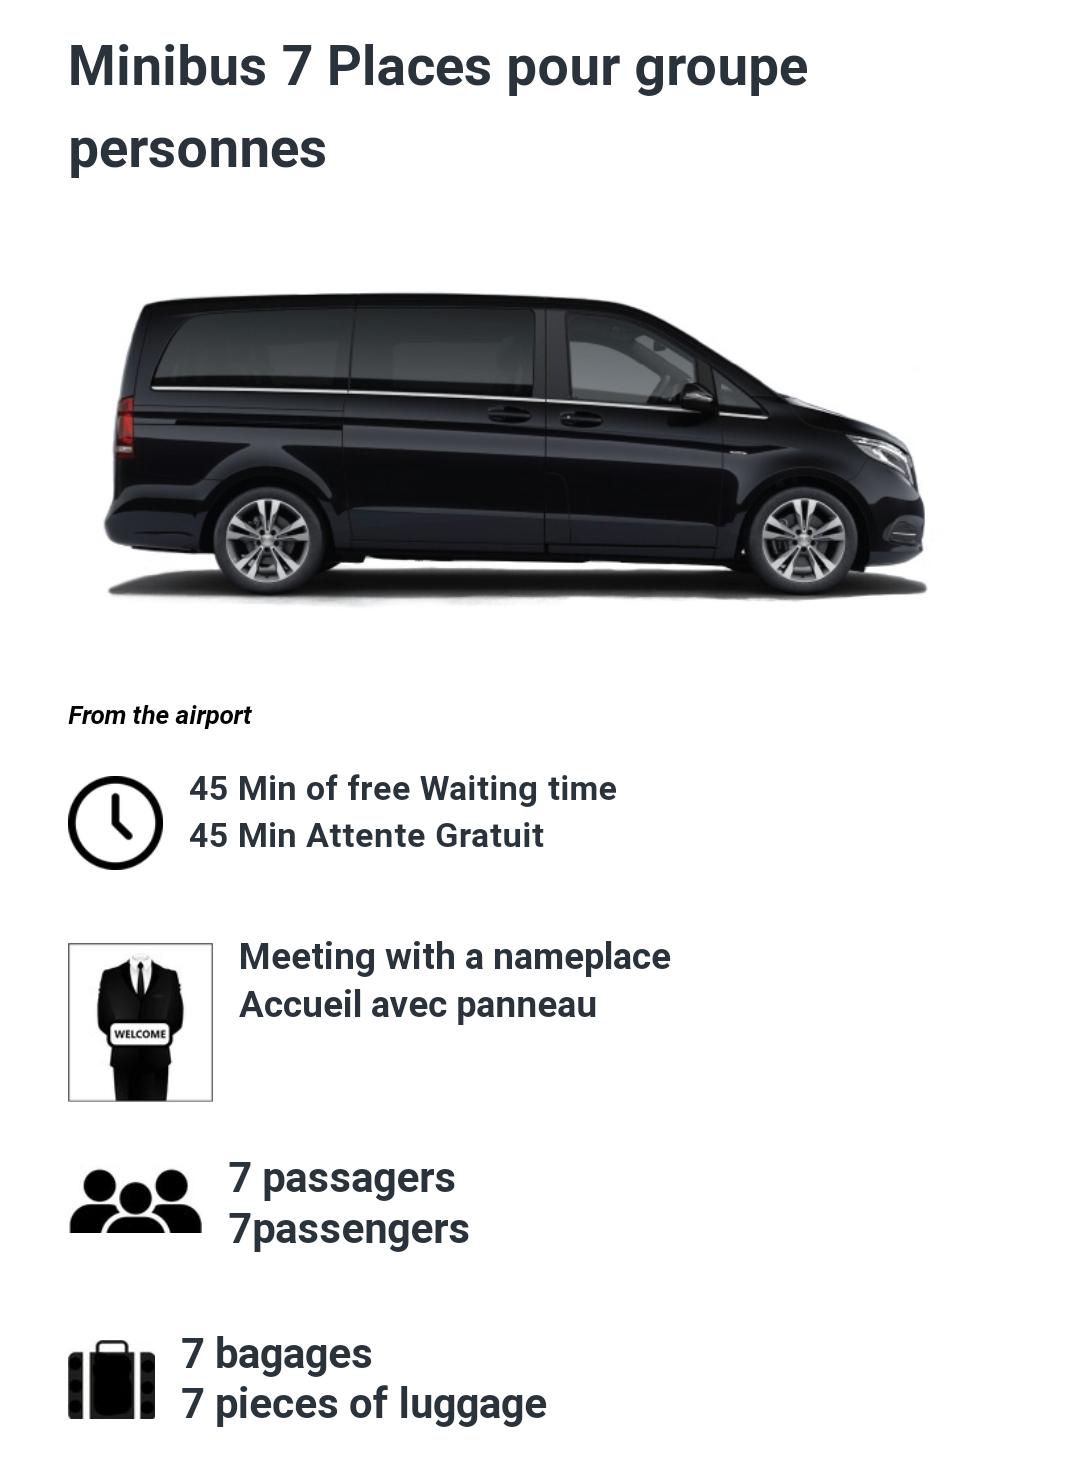 7 Passenger minibus